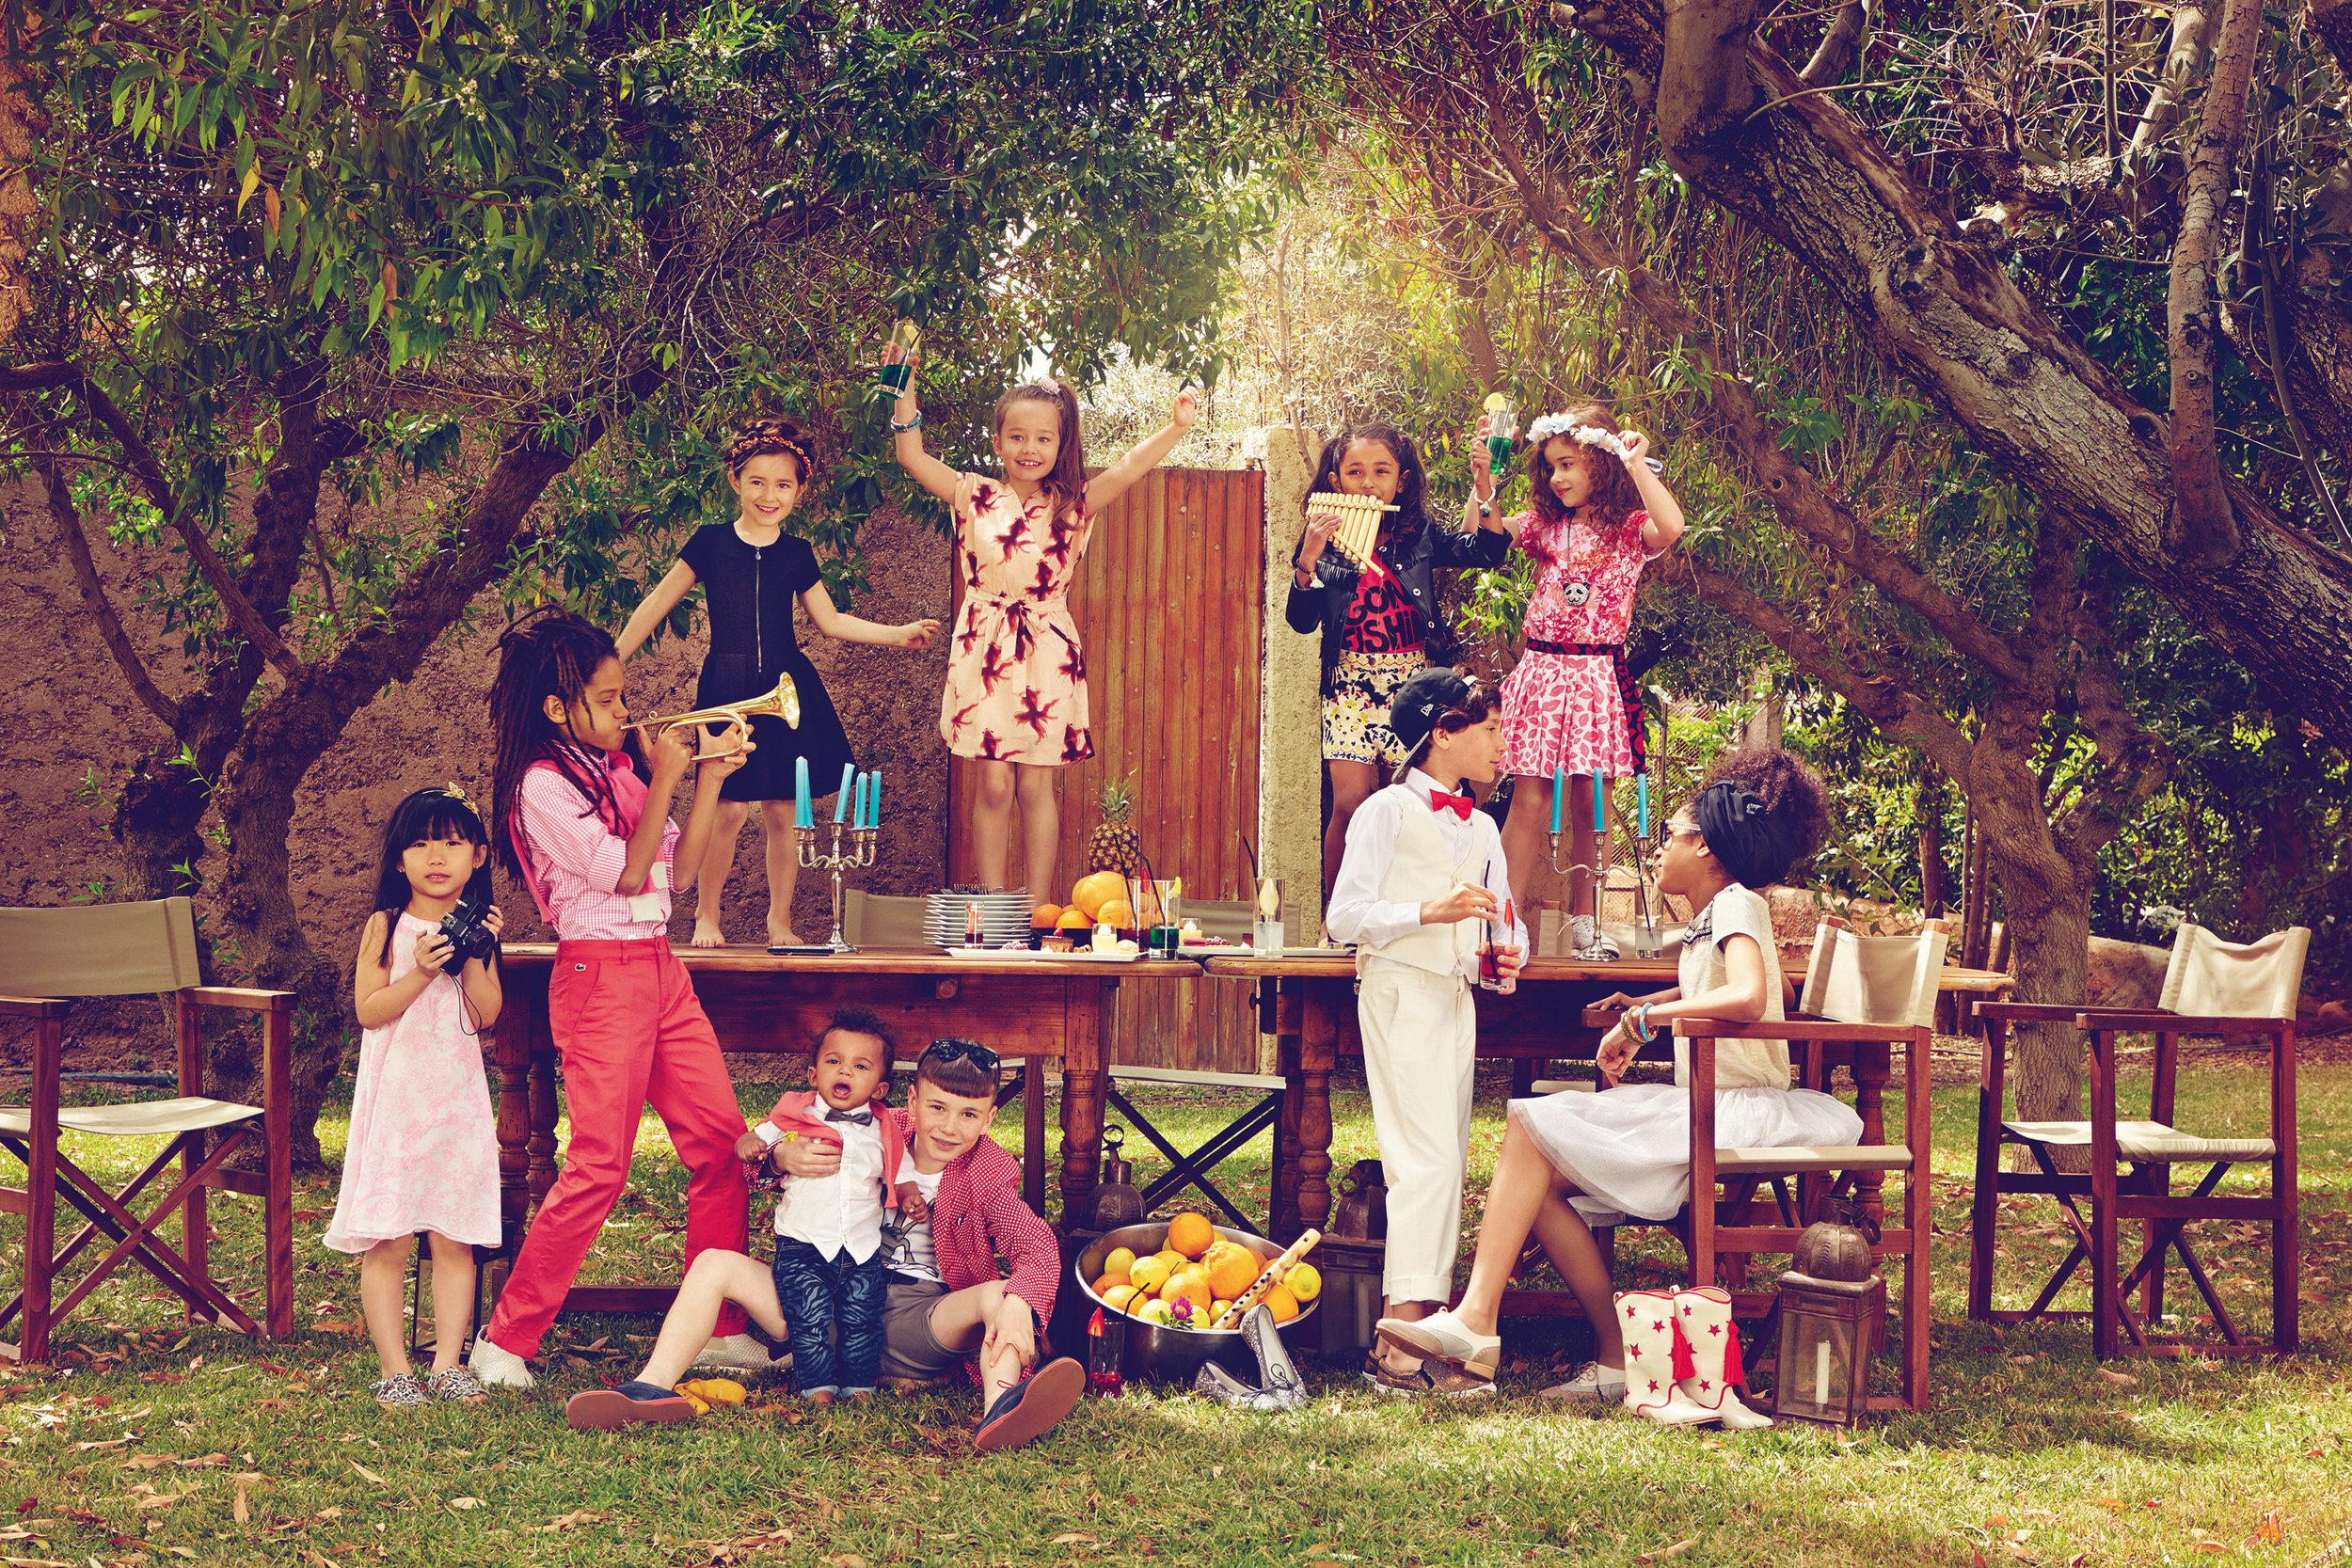 Ilve Little children picnic party